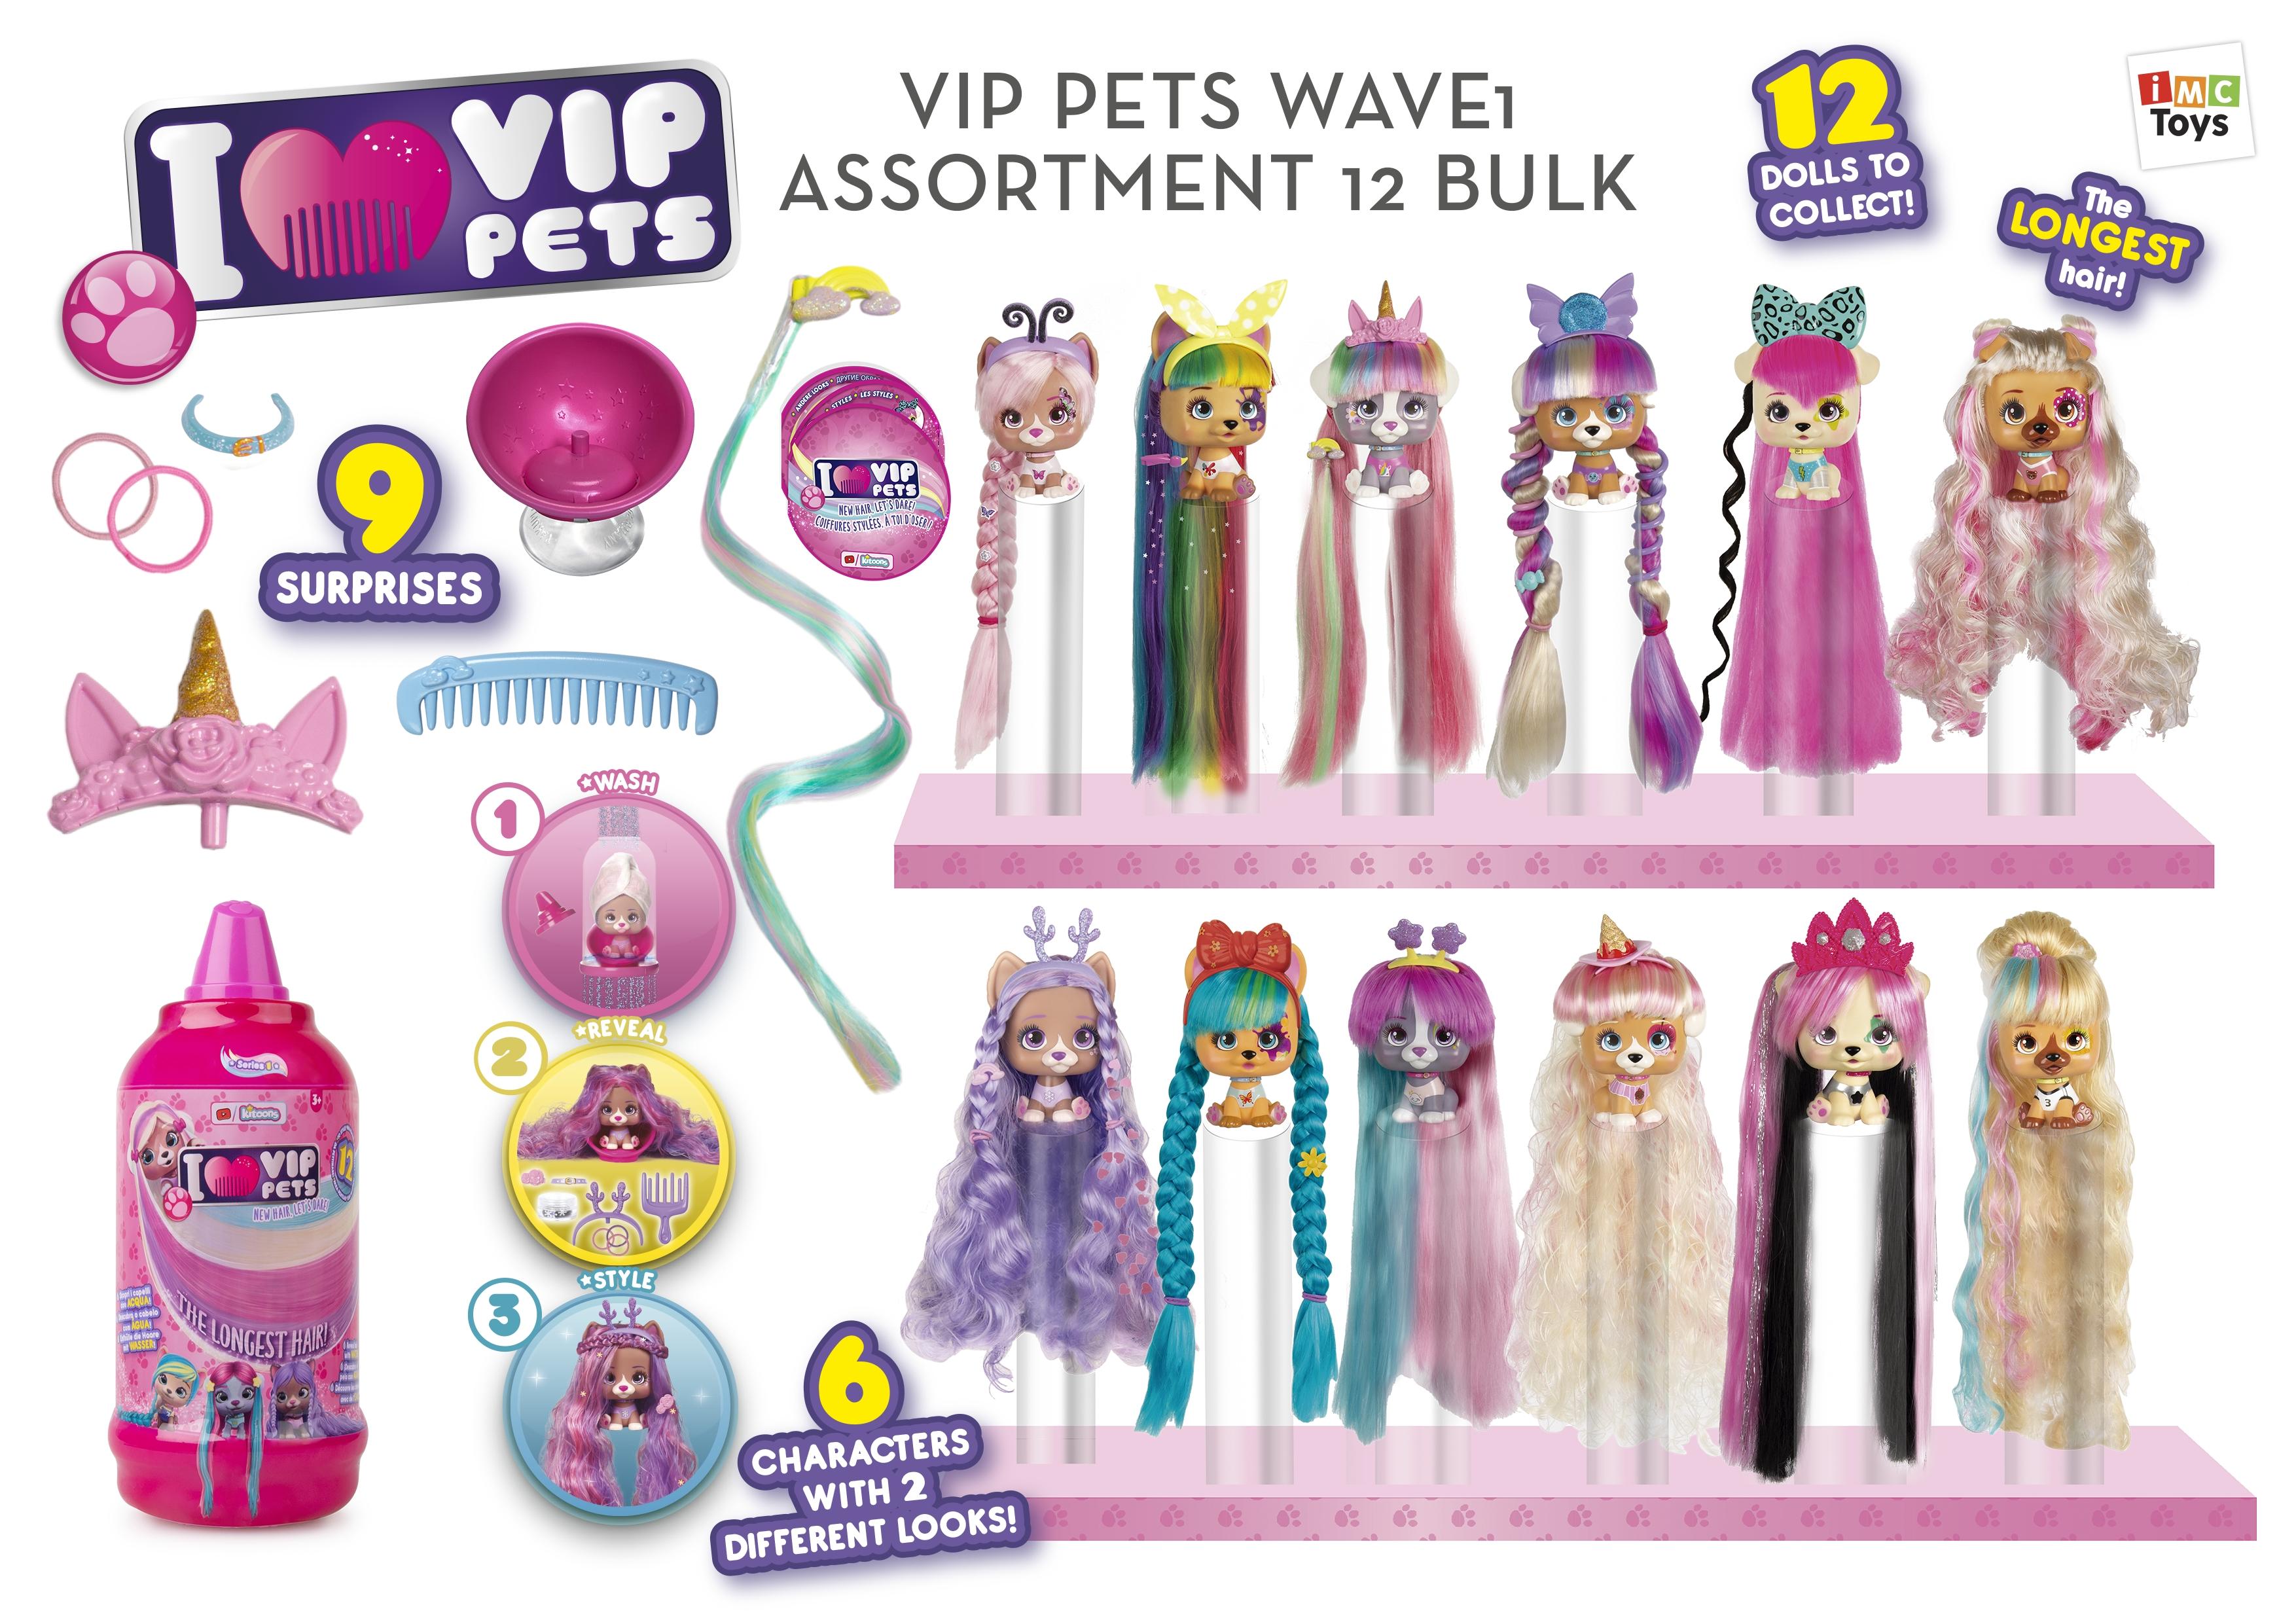 VIP Pets pejsek s doplňky, extra dlouhé vlasy